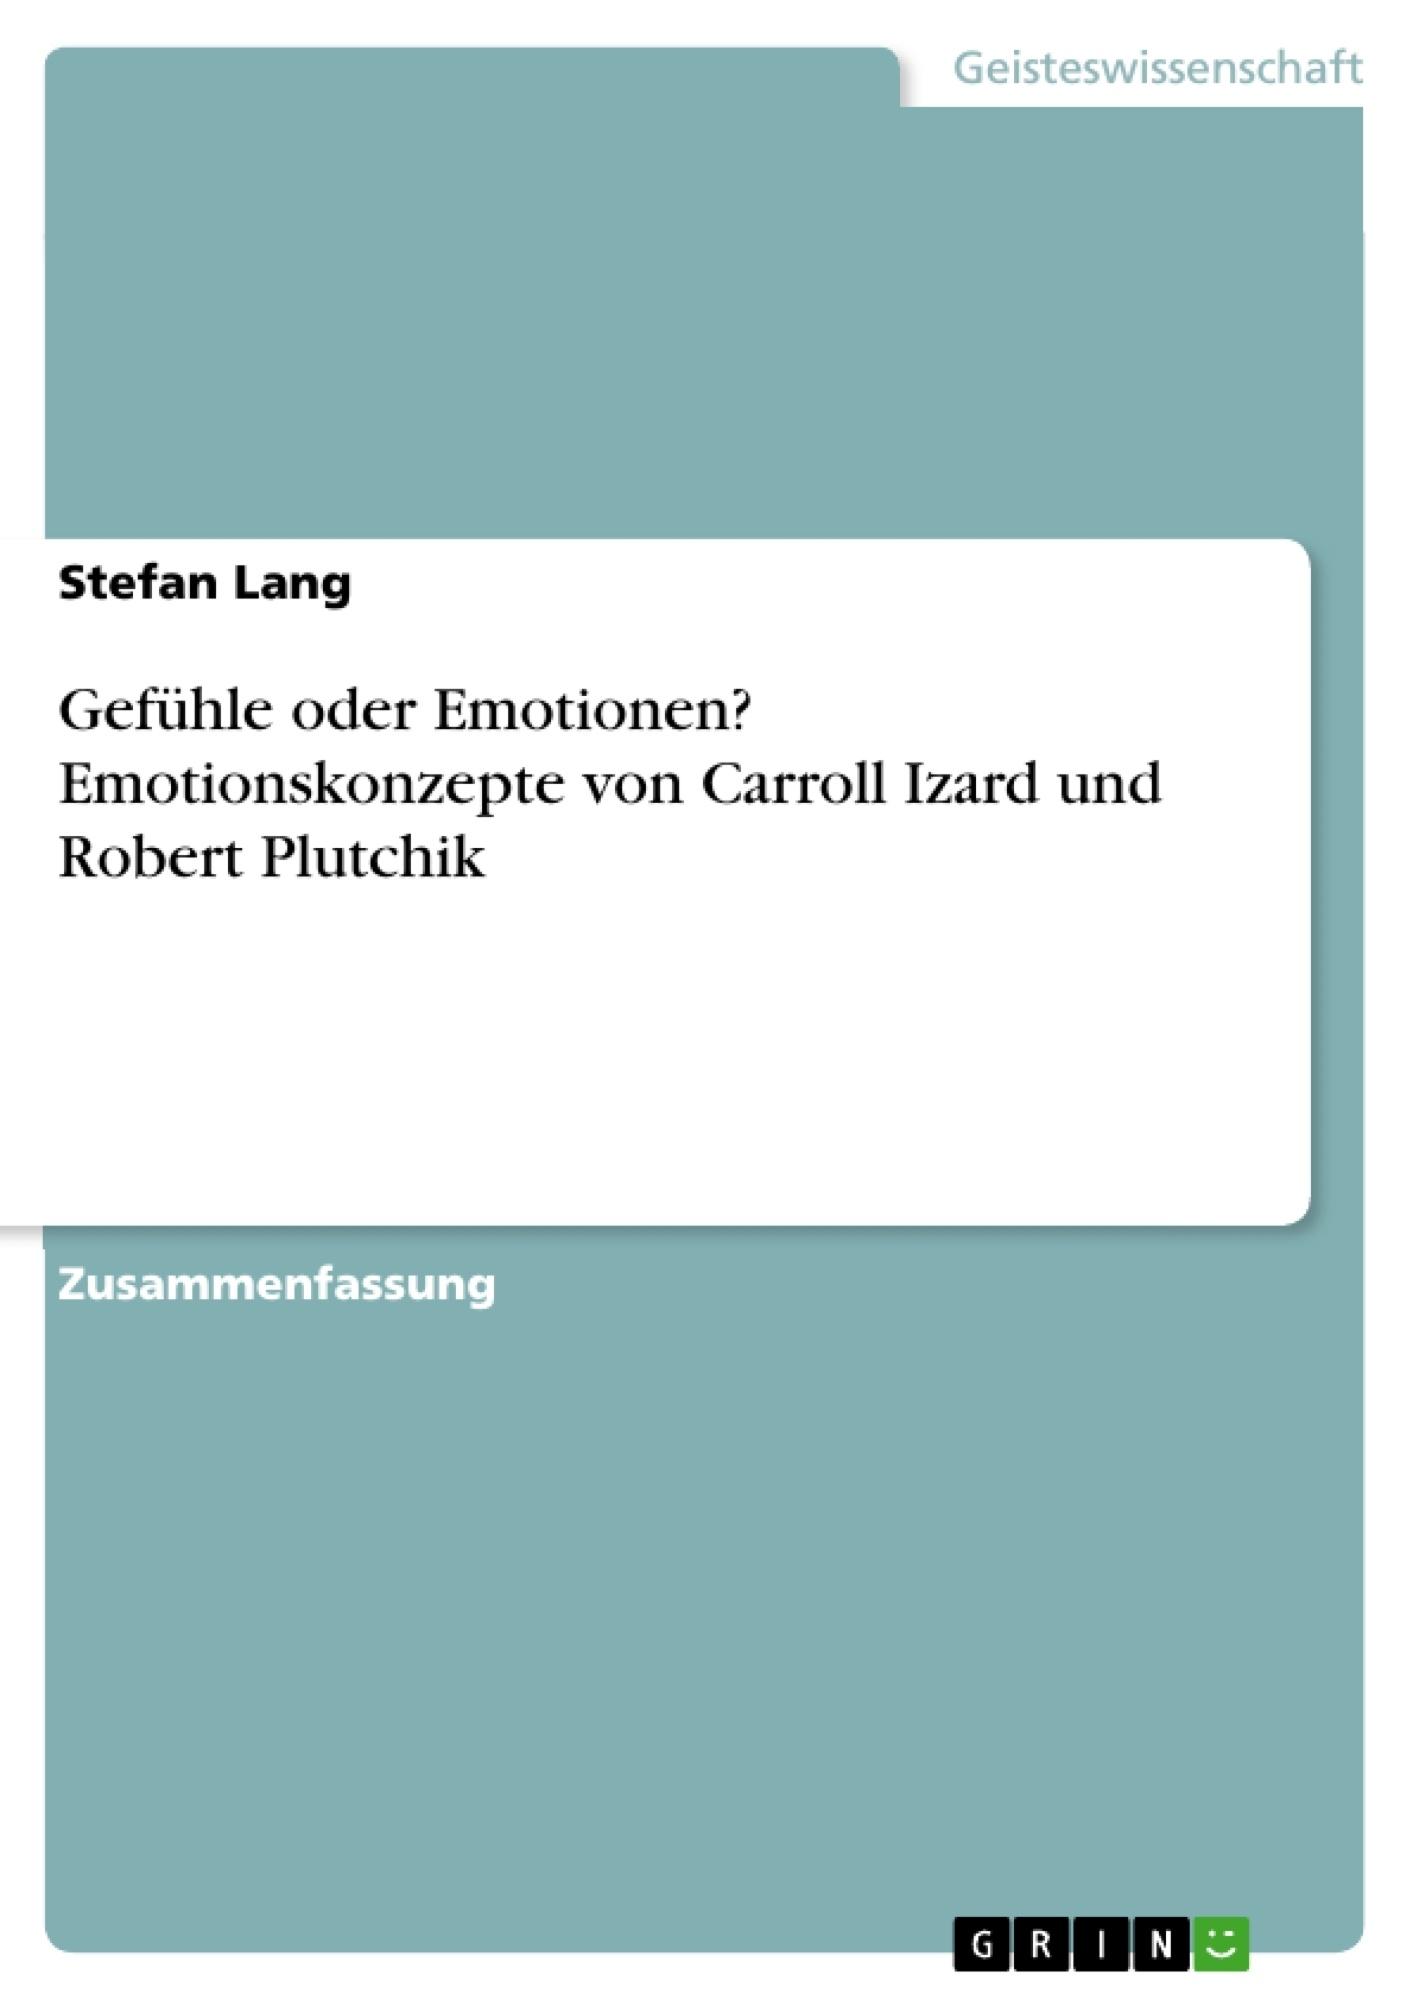 Titel: Gefühle oder Emotionen? Emotionskonzepte von Carroll Izard und Robert Plutchik